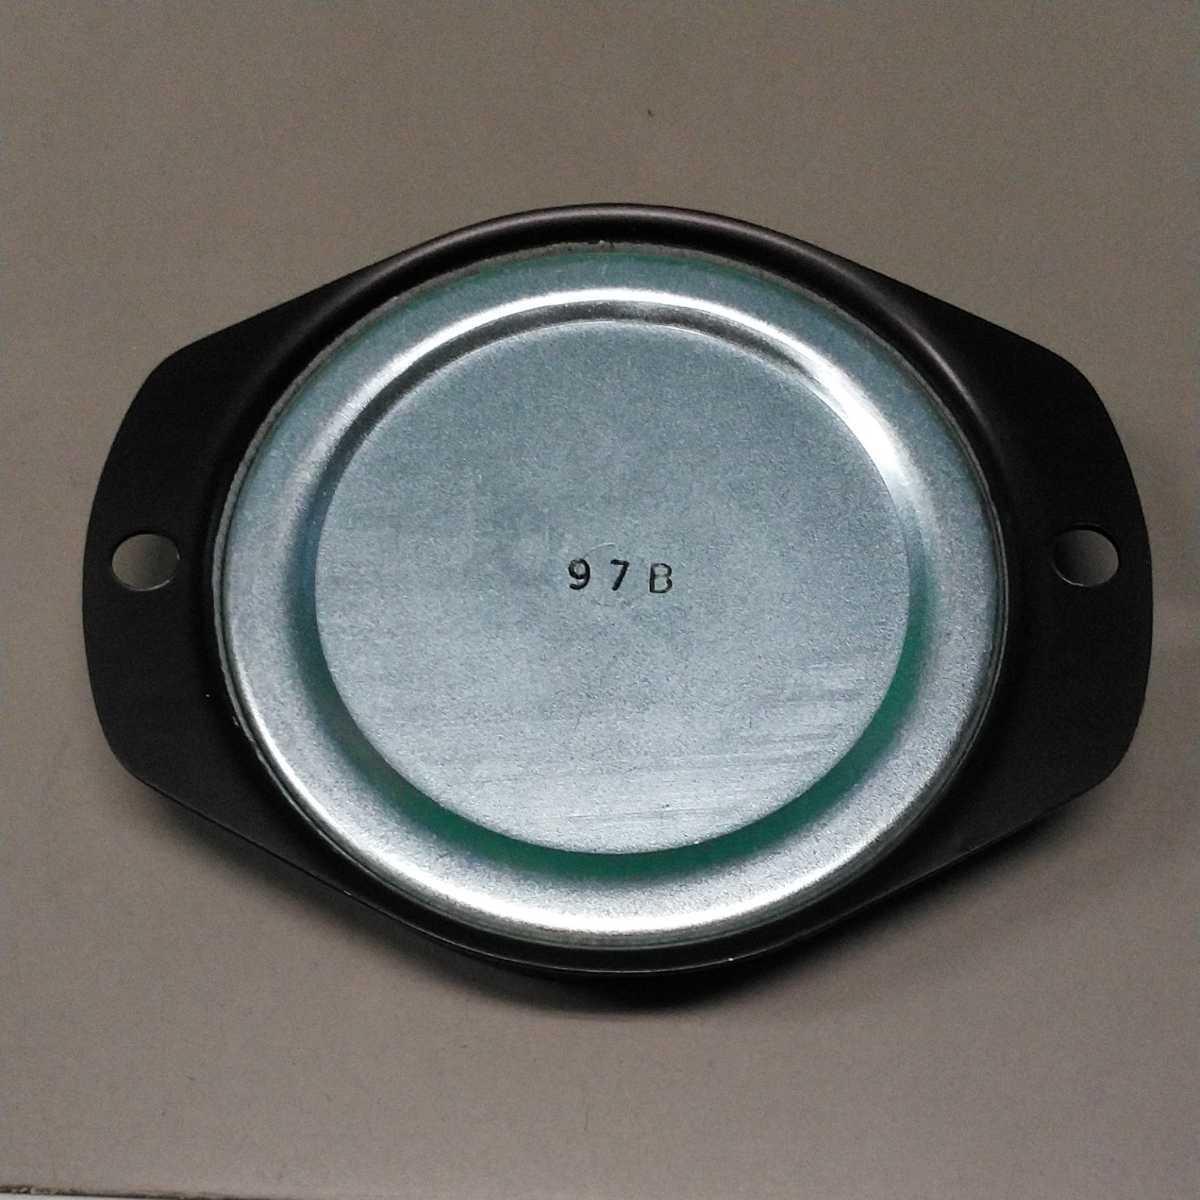 新品 反射板 リフレクター2枚 赤色 FJ40 FJ21 FJ25 トヨタ ランクル20系 流用可能 TOYOTA landcruiser FA80 FA100 DA80 DA100_画像5